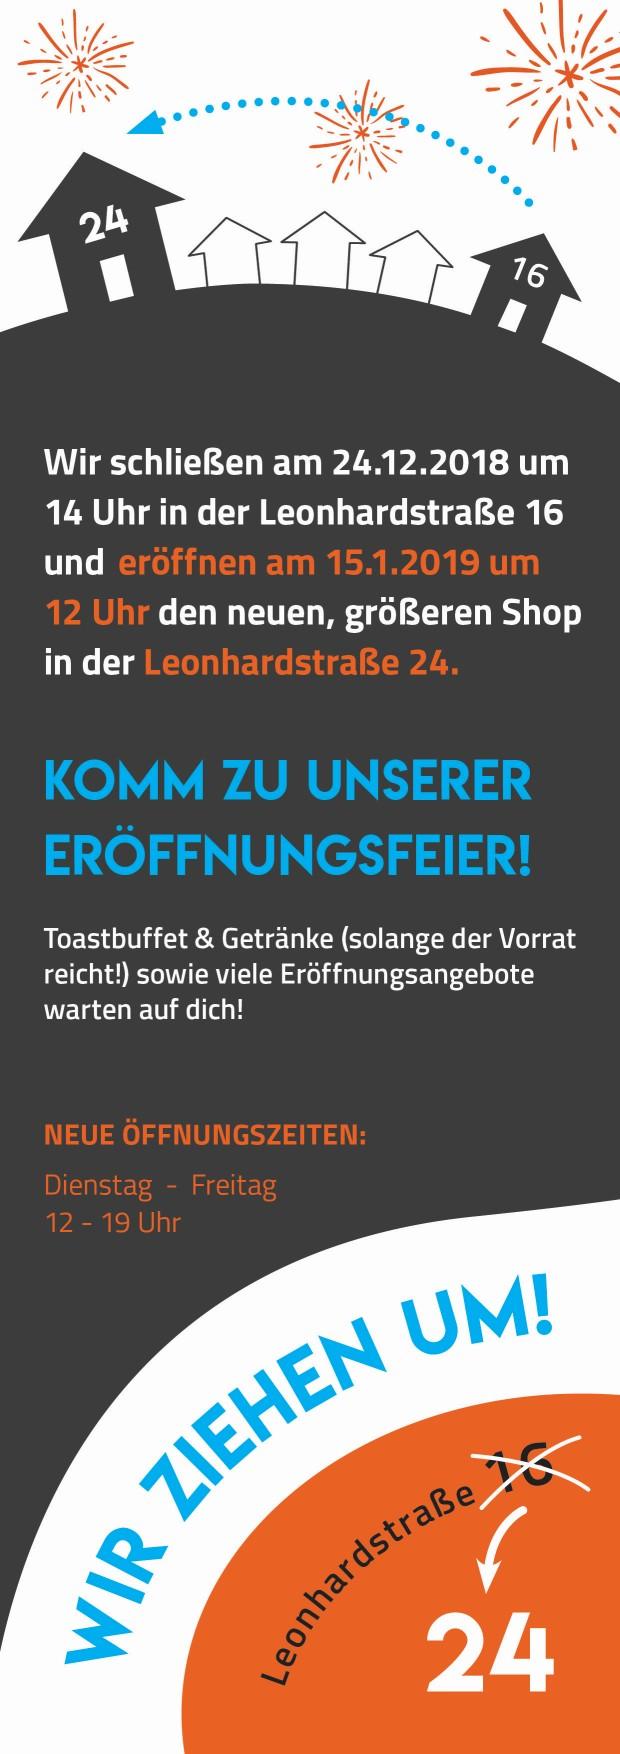 Die neue Adresse ab 2019 lautet: Leonhardstraße 24 Neue Öffnungsgzeiten: 12 - 19 Uhr, Dienstag bis Freitag, Montag Ruhetag